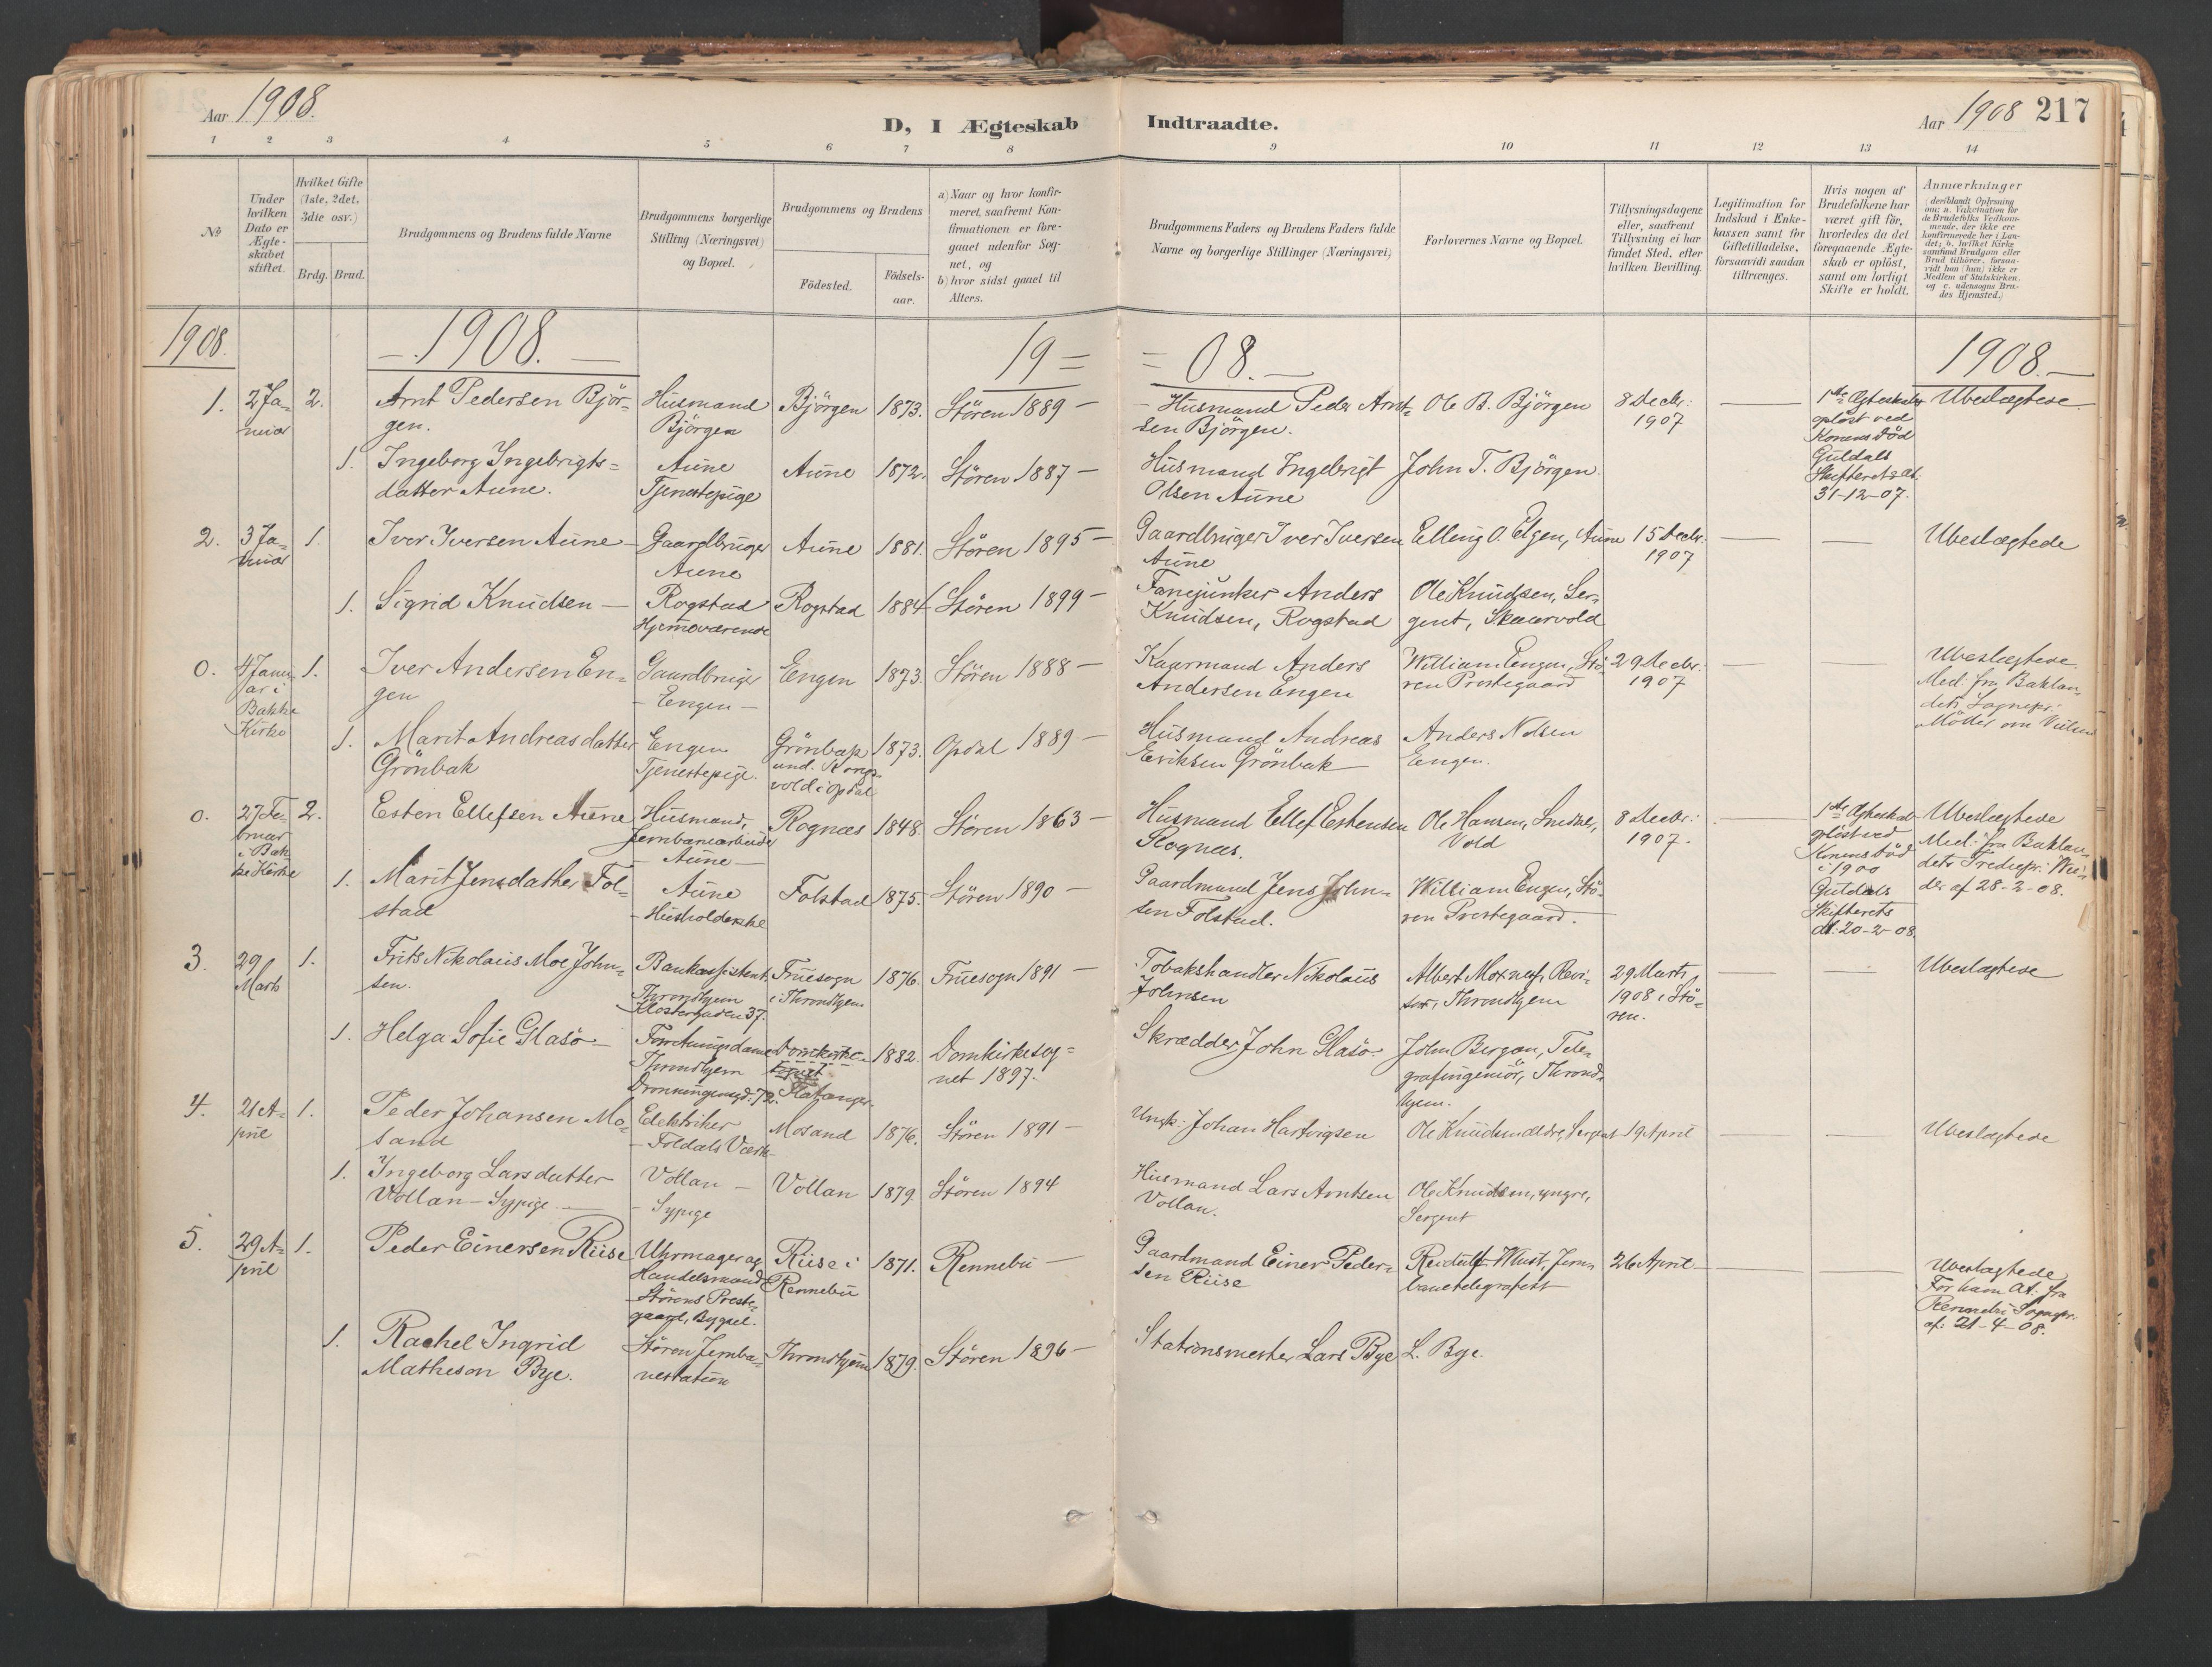 SAT, Ministerialprotokoller, klokkerbøker og fødselsregistre - Sør-Trøndelag, 687/L1004: Ministerialbok nr. 687A10, 1891-1923, s. 217